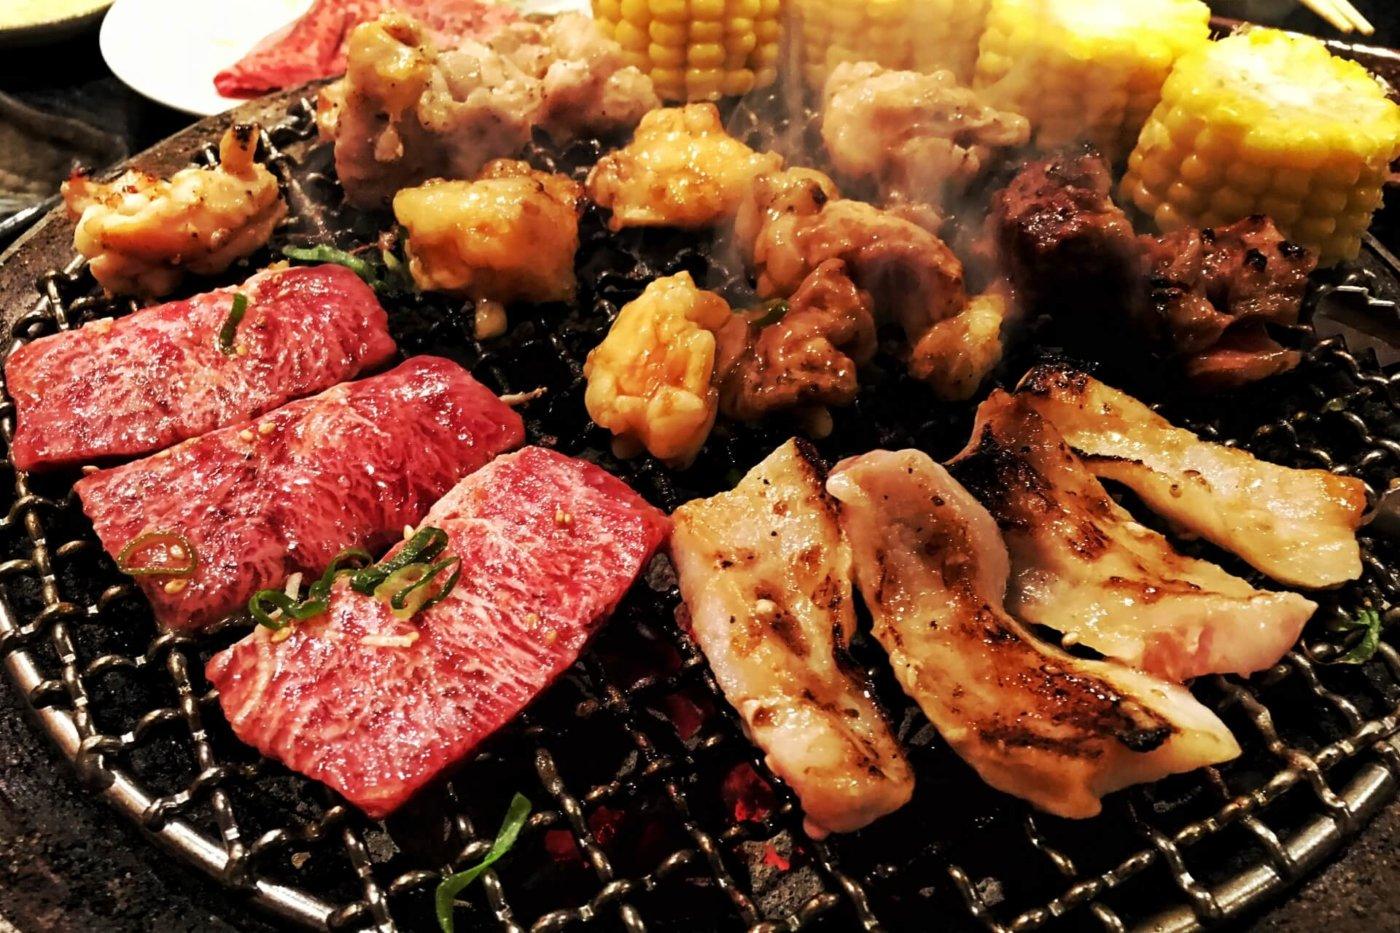 バーベキューのお肉のお値段はどれぐらい?お肉の選び方、種類と相場をご紹介します